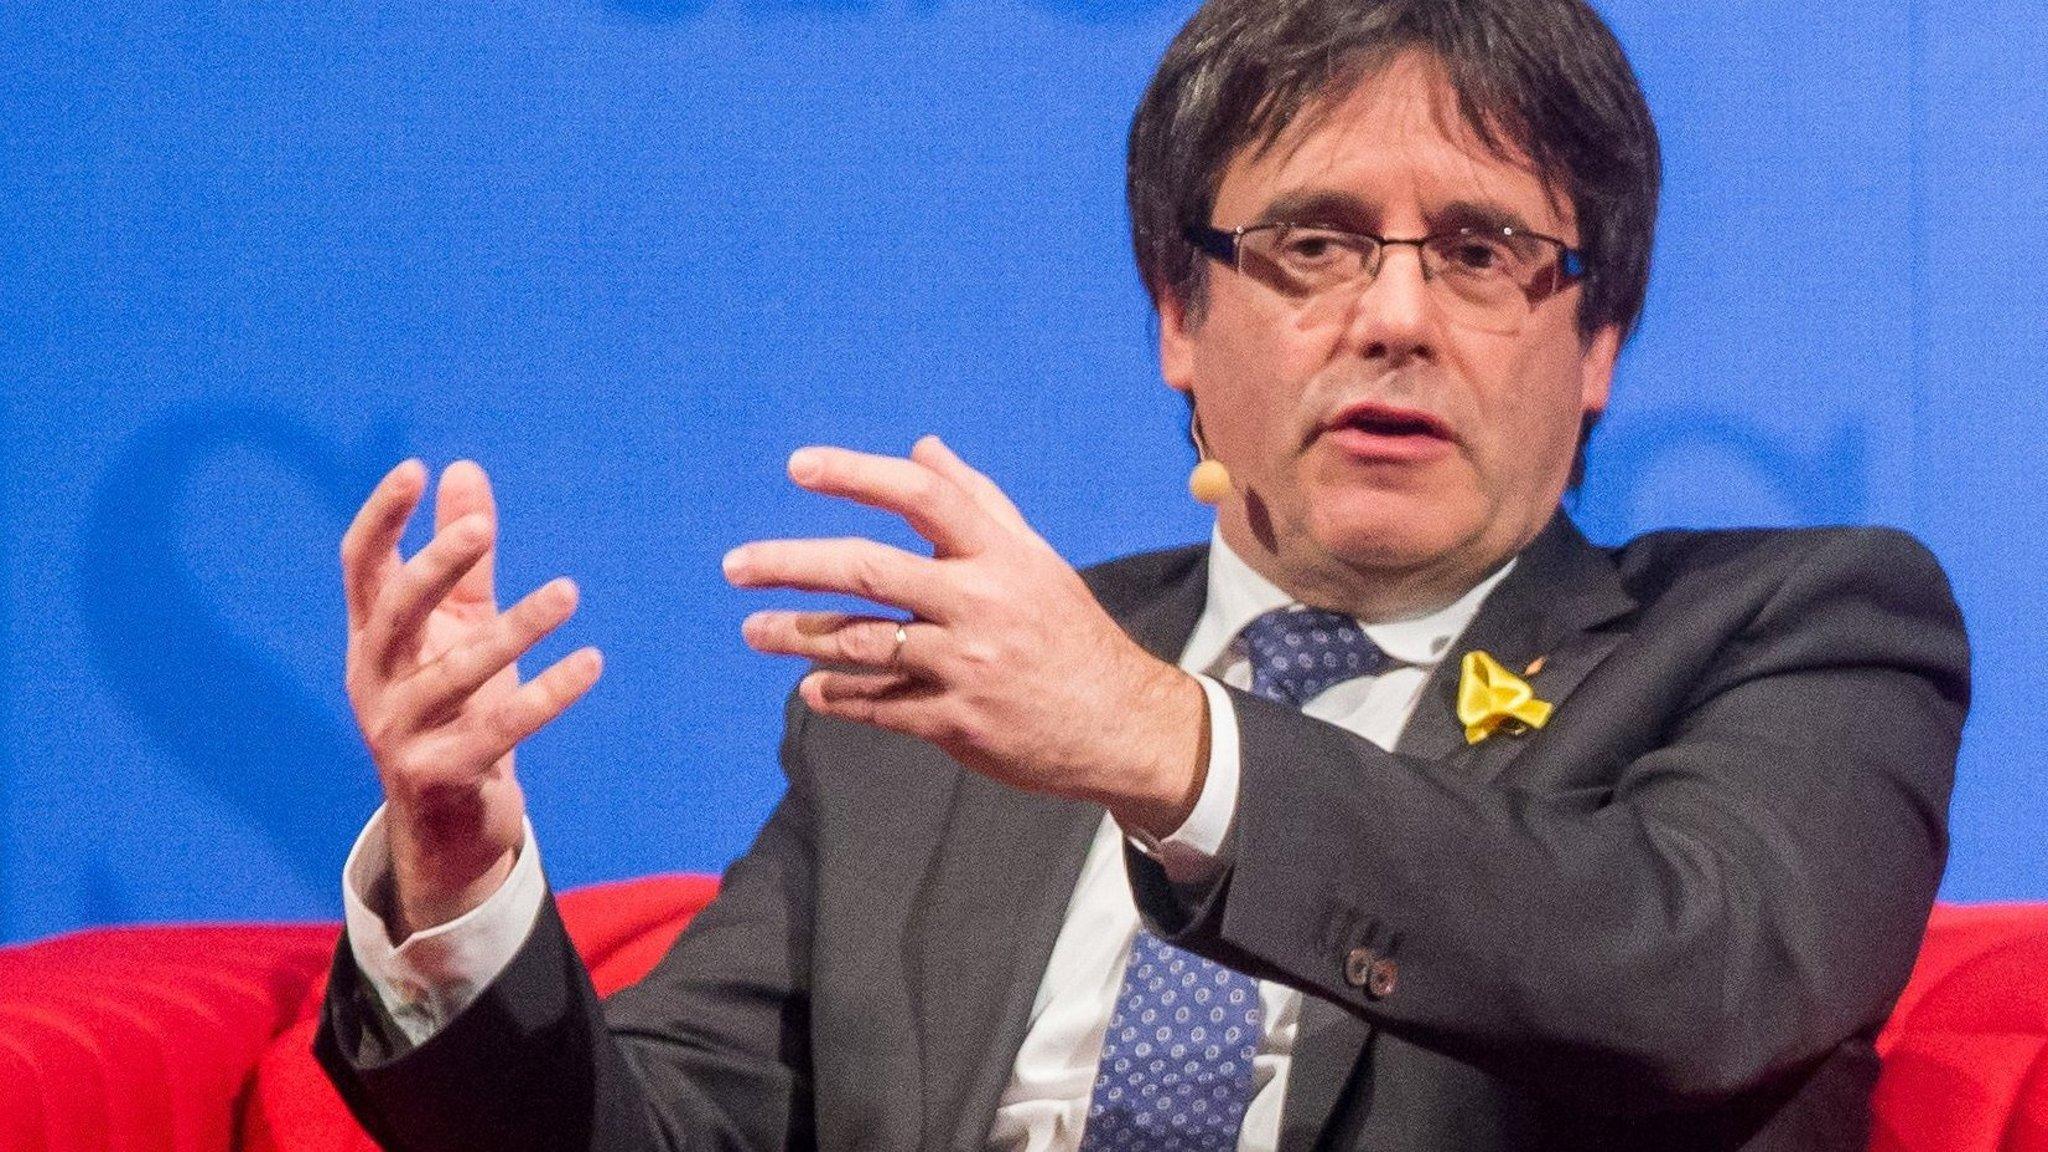 Spain drops European arrest warrant for Carles Puigdemont